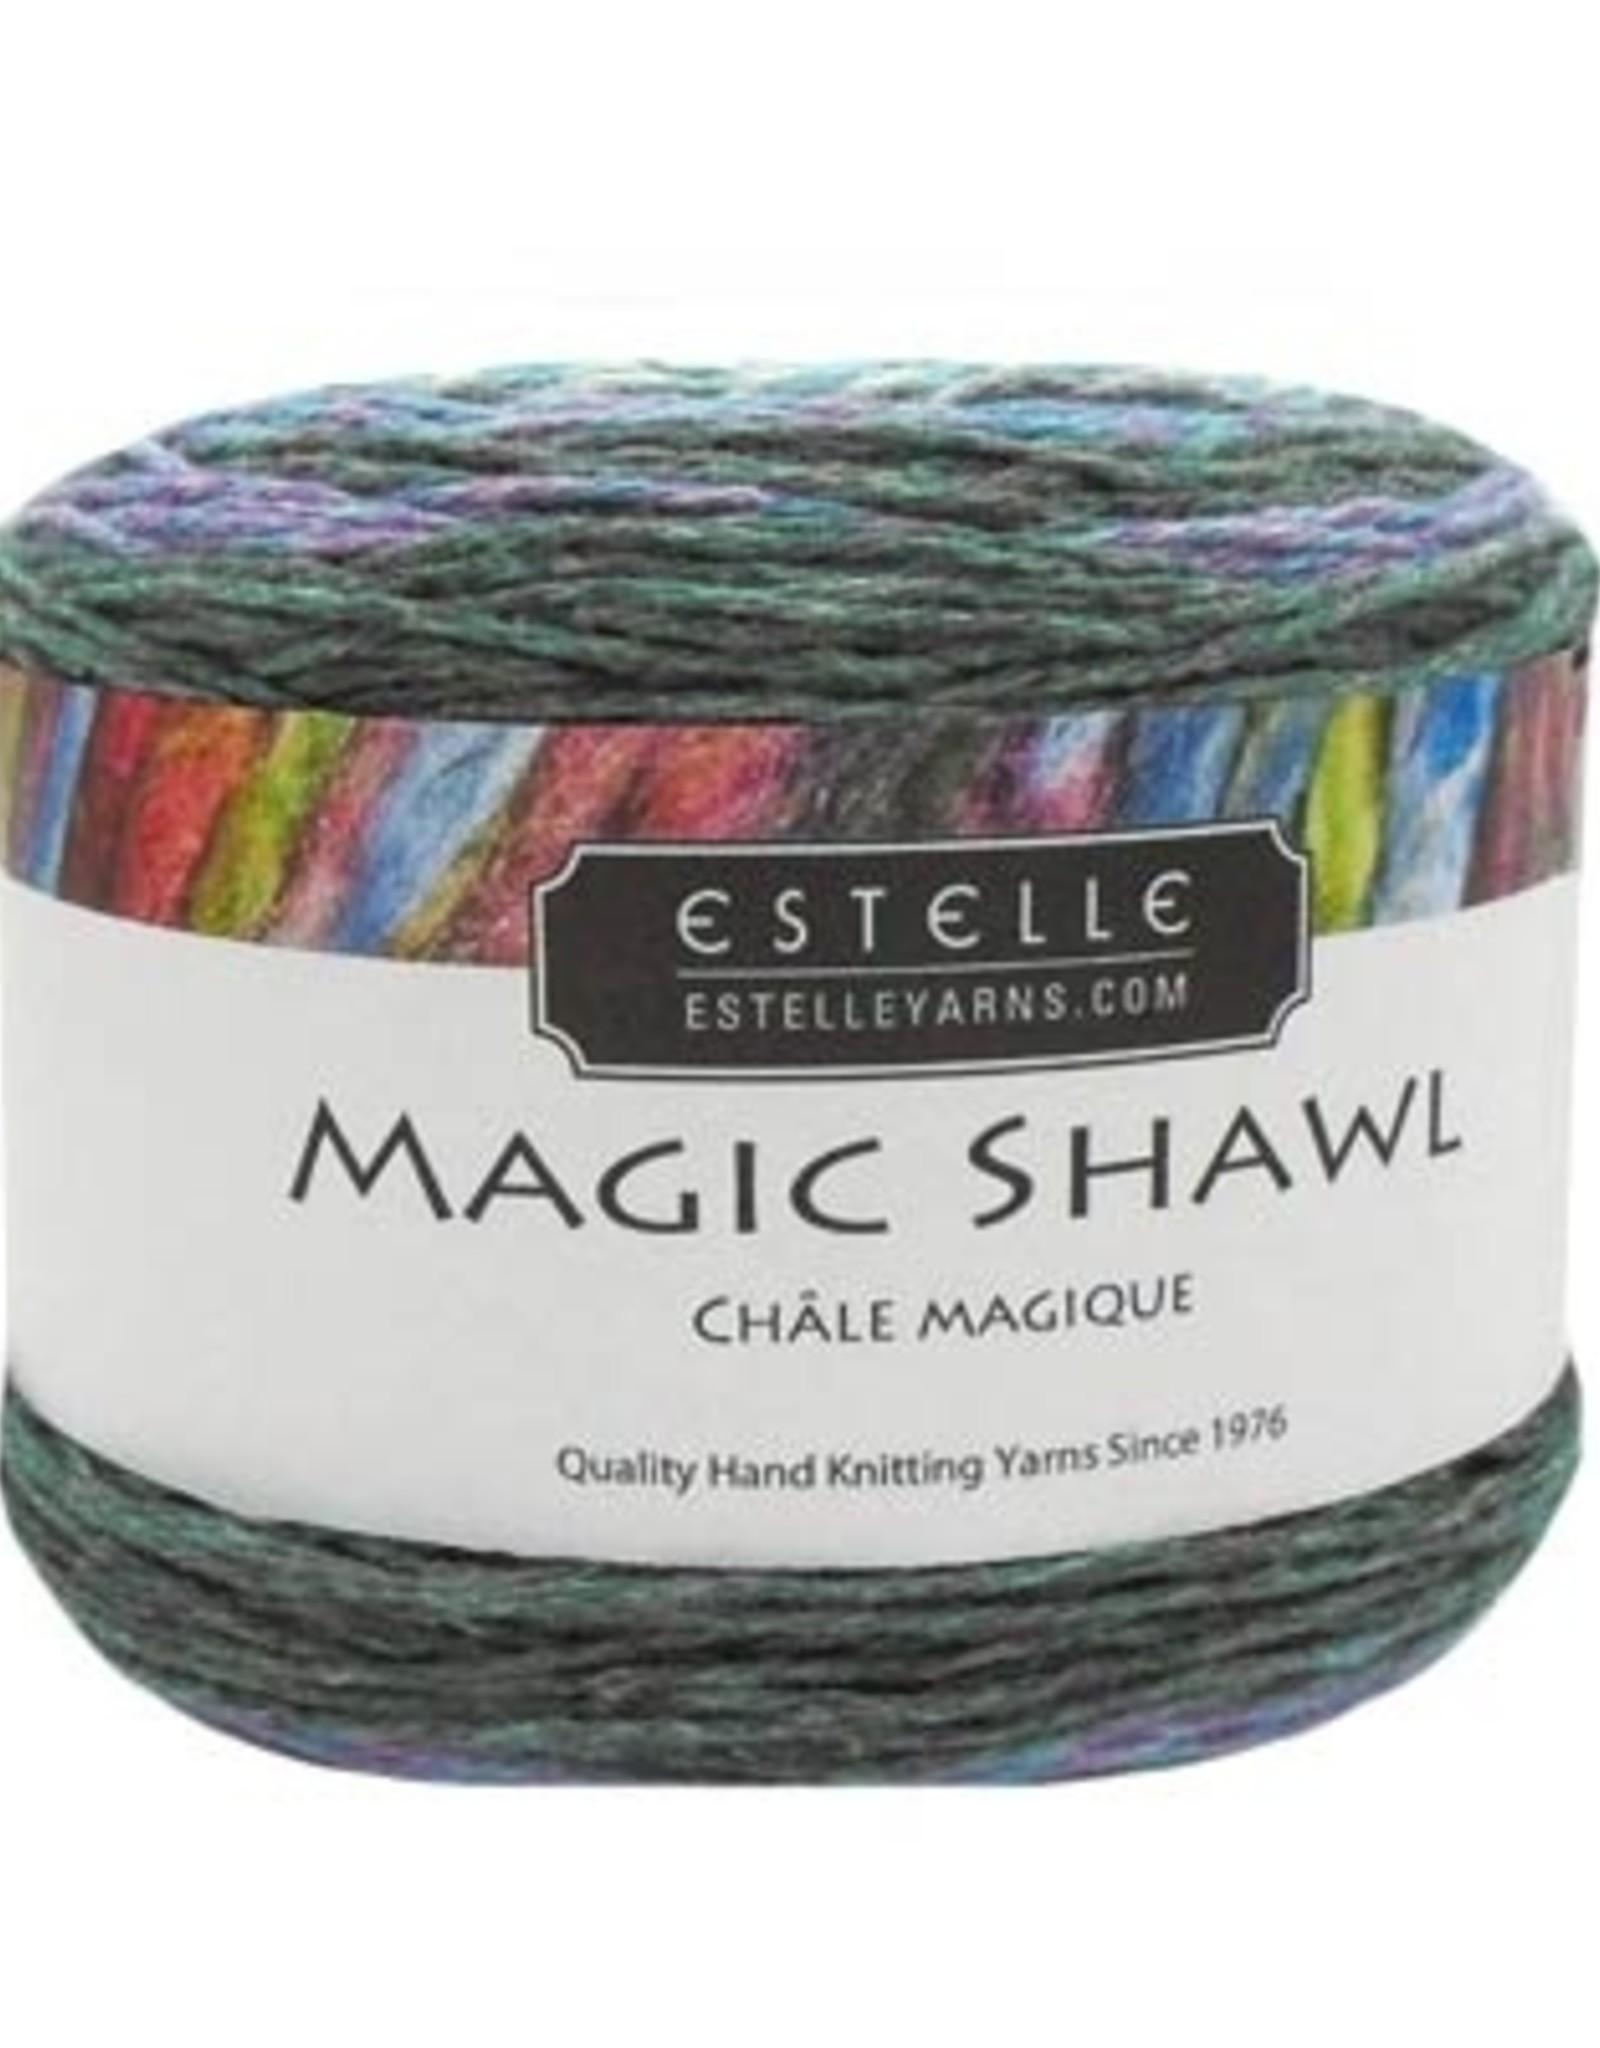 Estelle Yarns Magic Shawl